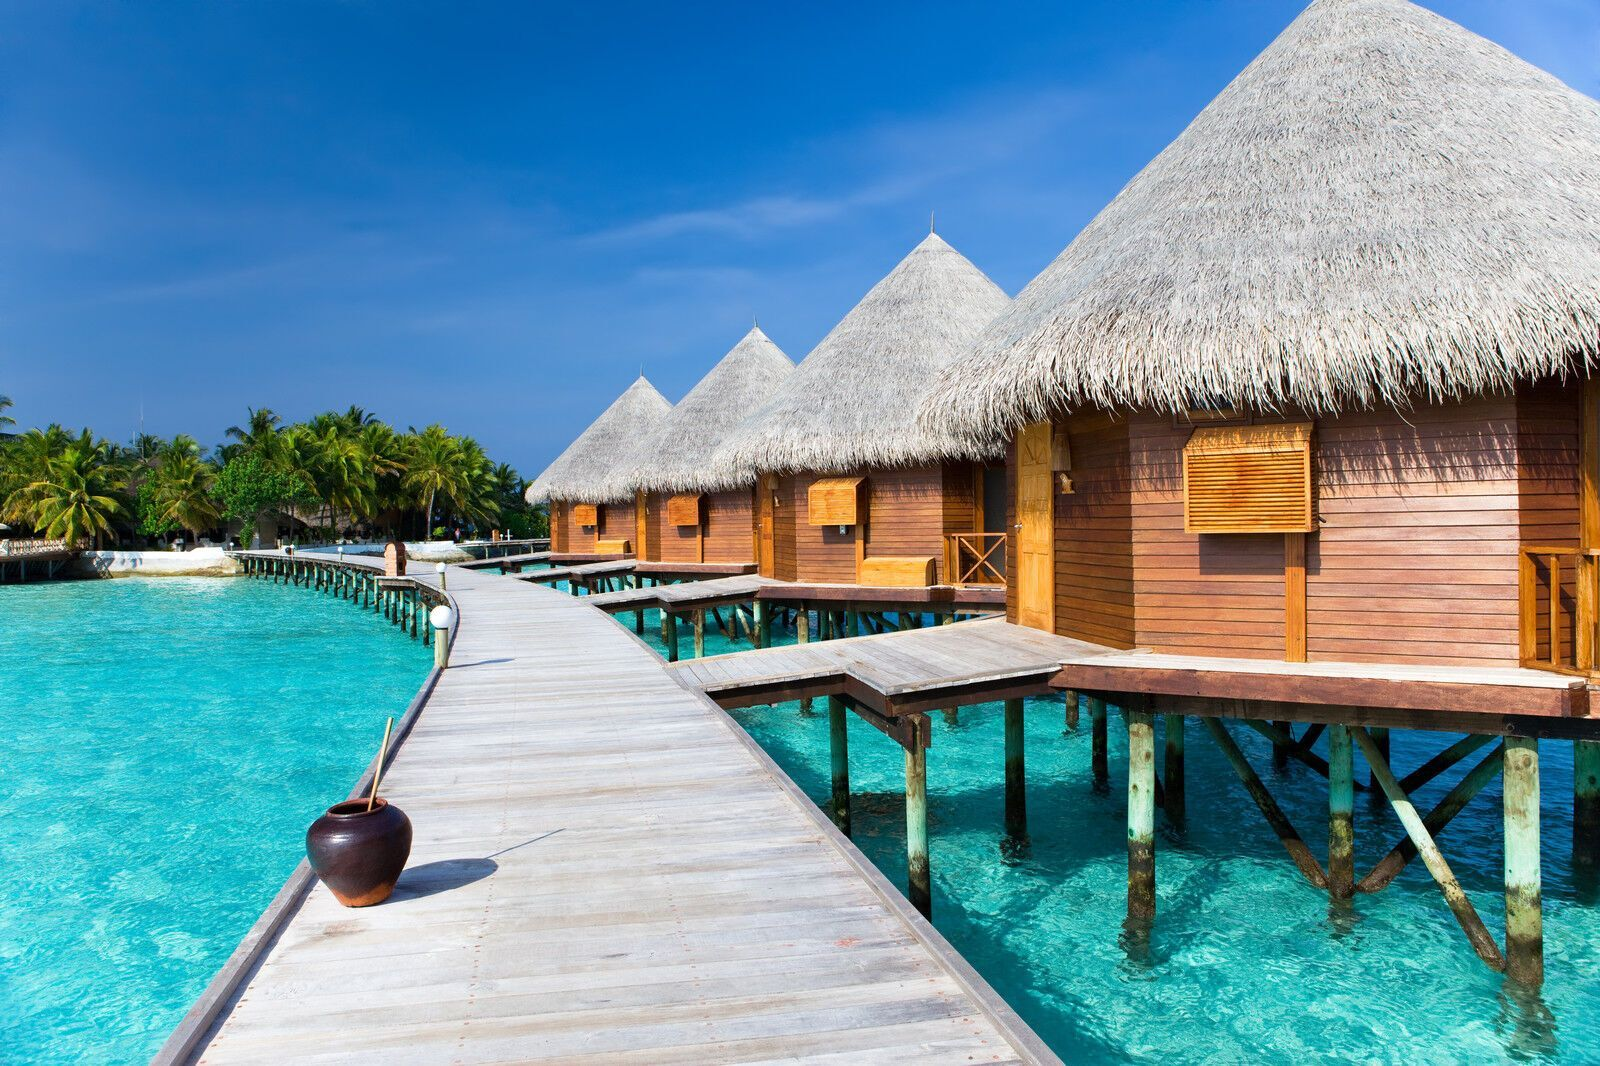 Мальдіви називають райським місцем